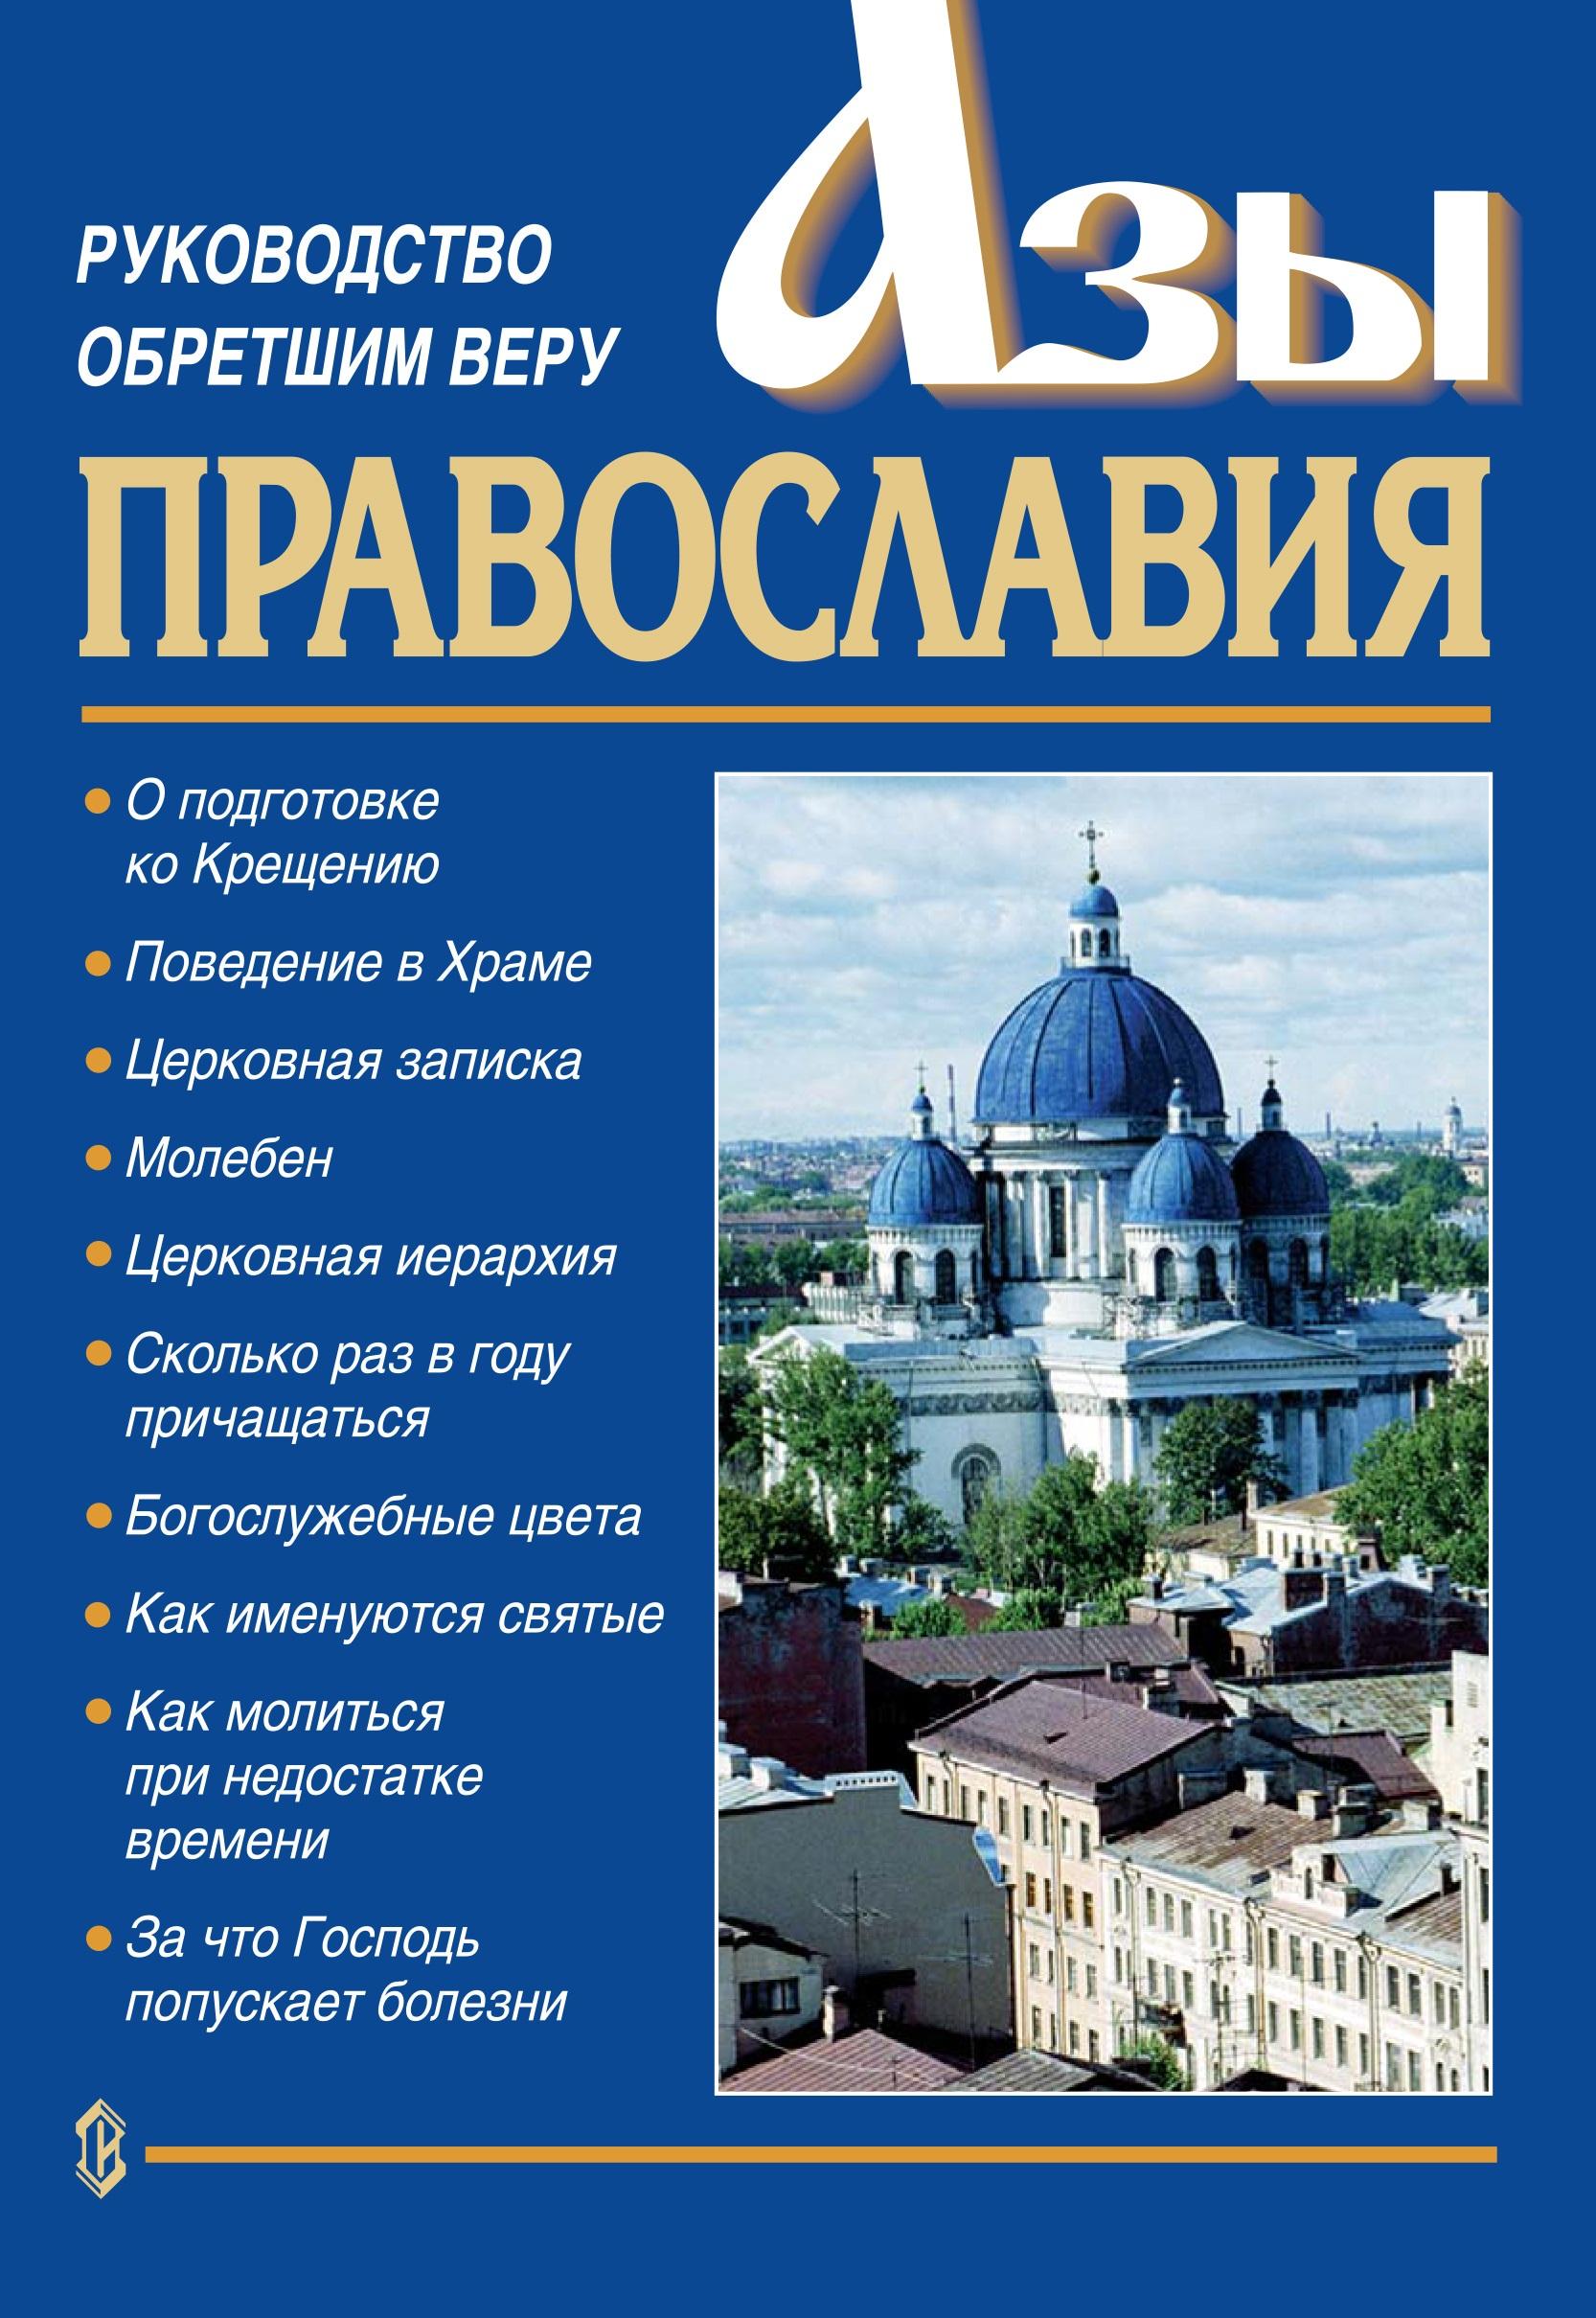 Священник Константин Слепинин Азы православия. Руководство обретшим веру